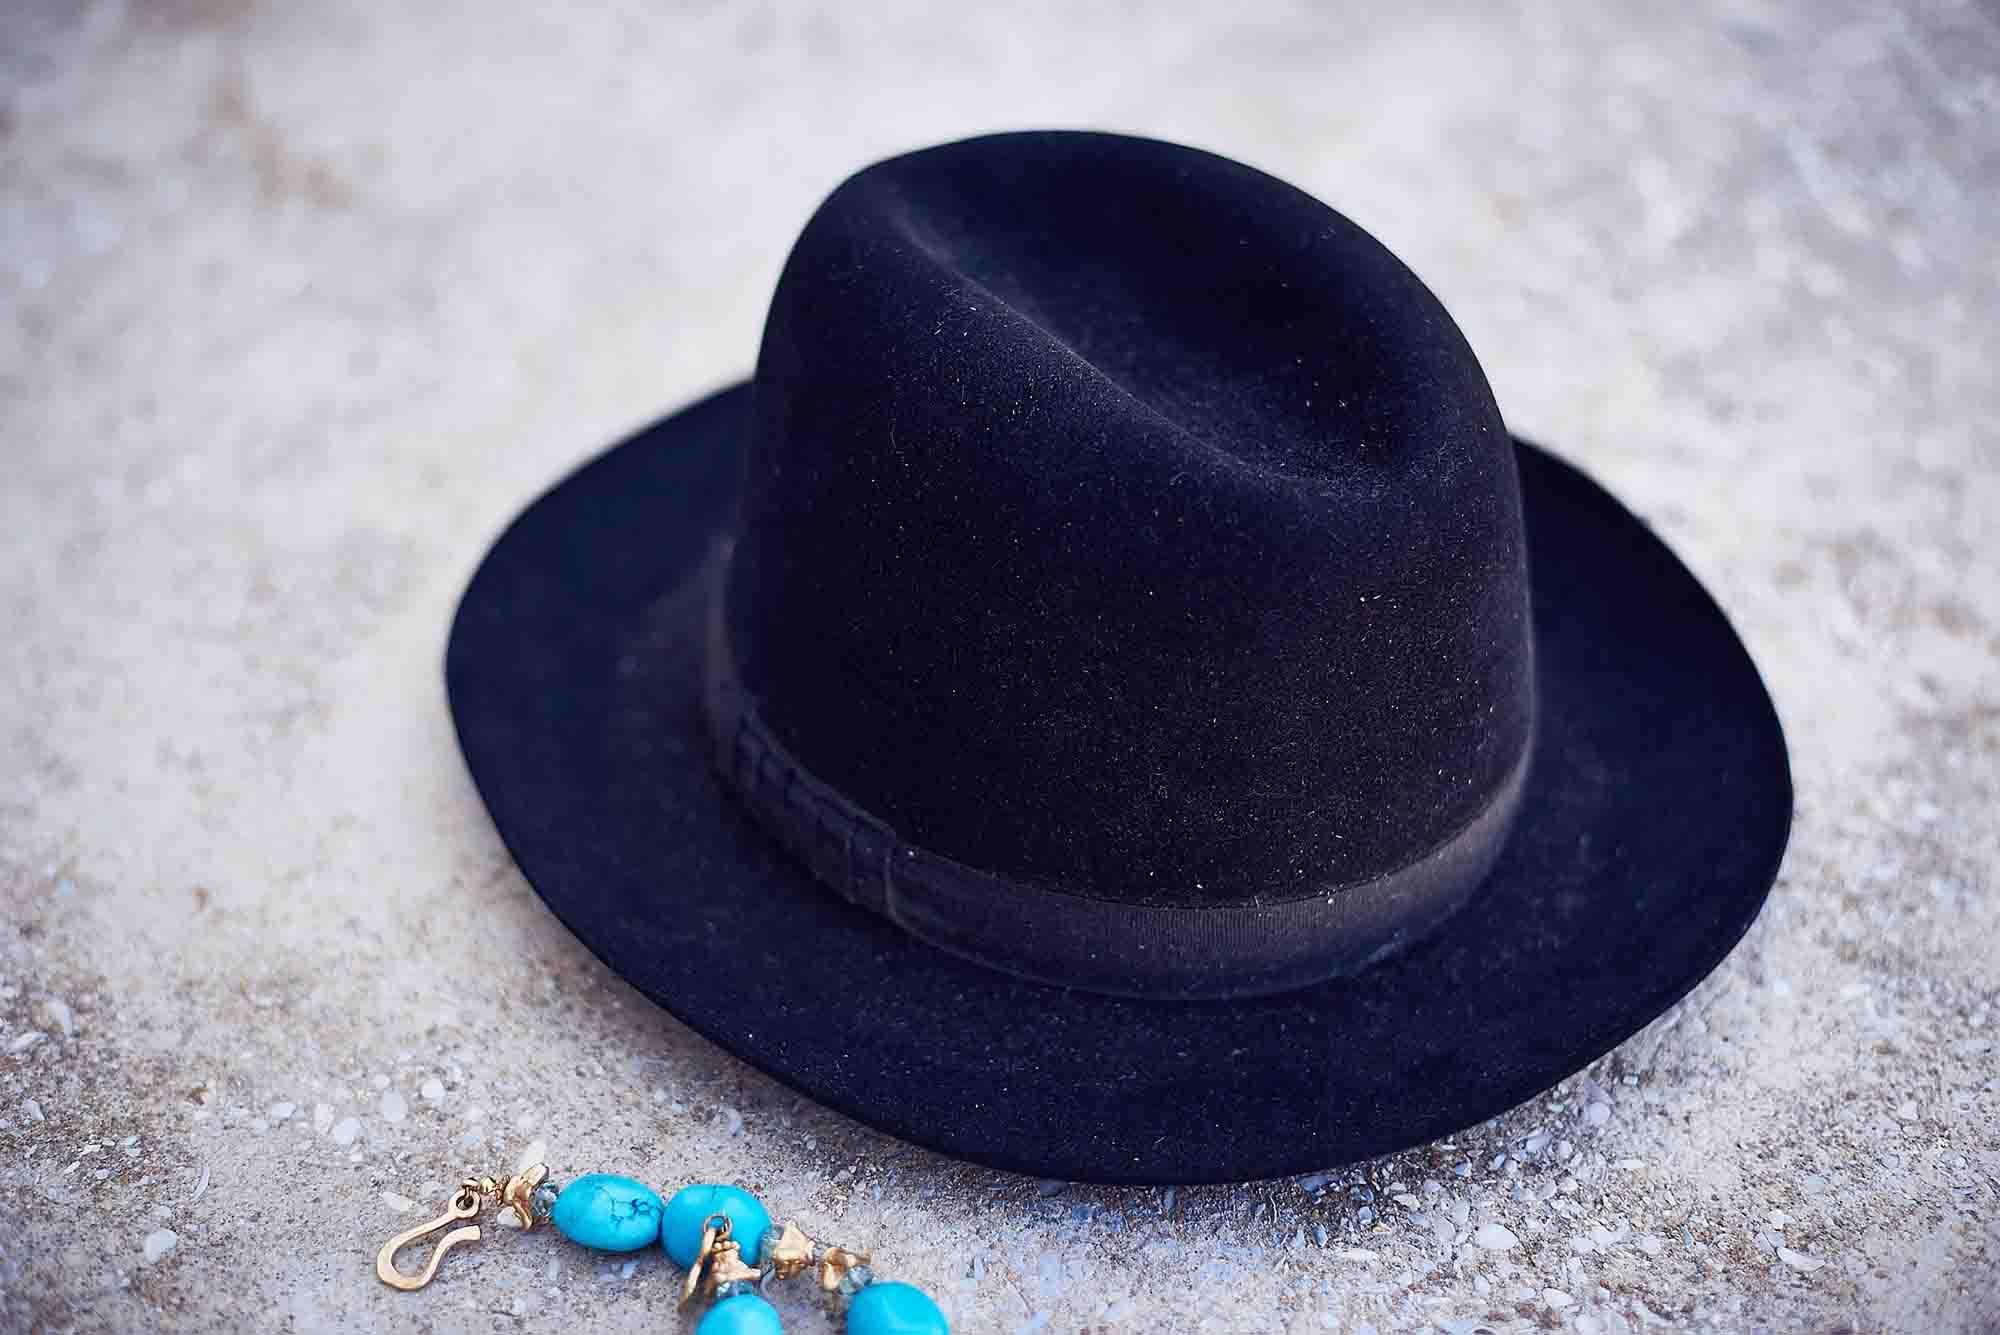 כובע לובשת וינטג מחיר 200 שח צילום kim kandler, מגזין אופנה